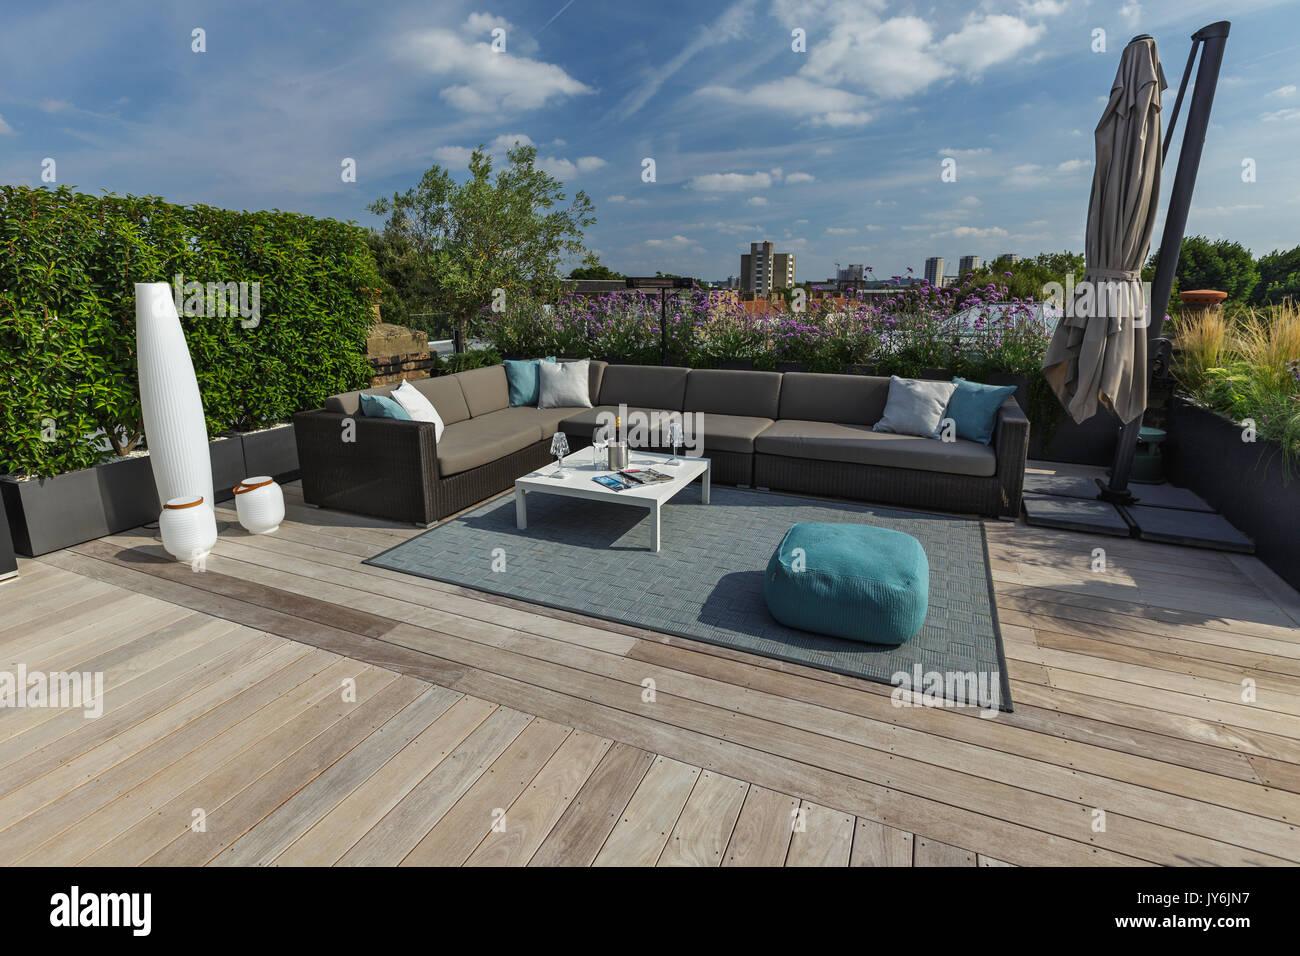 Arbeitsplatte Für Außenküche : Außenküche mit arbeitsplatte aus stein stockfotos außenküche mit